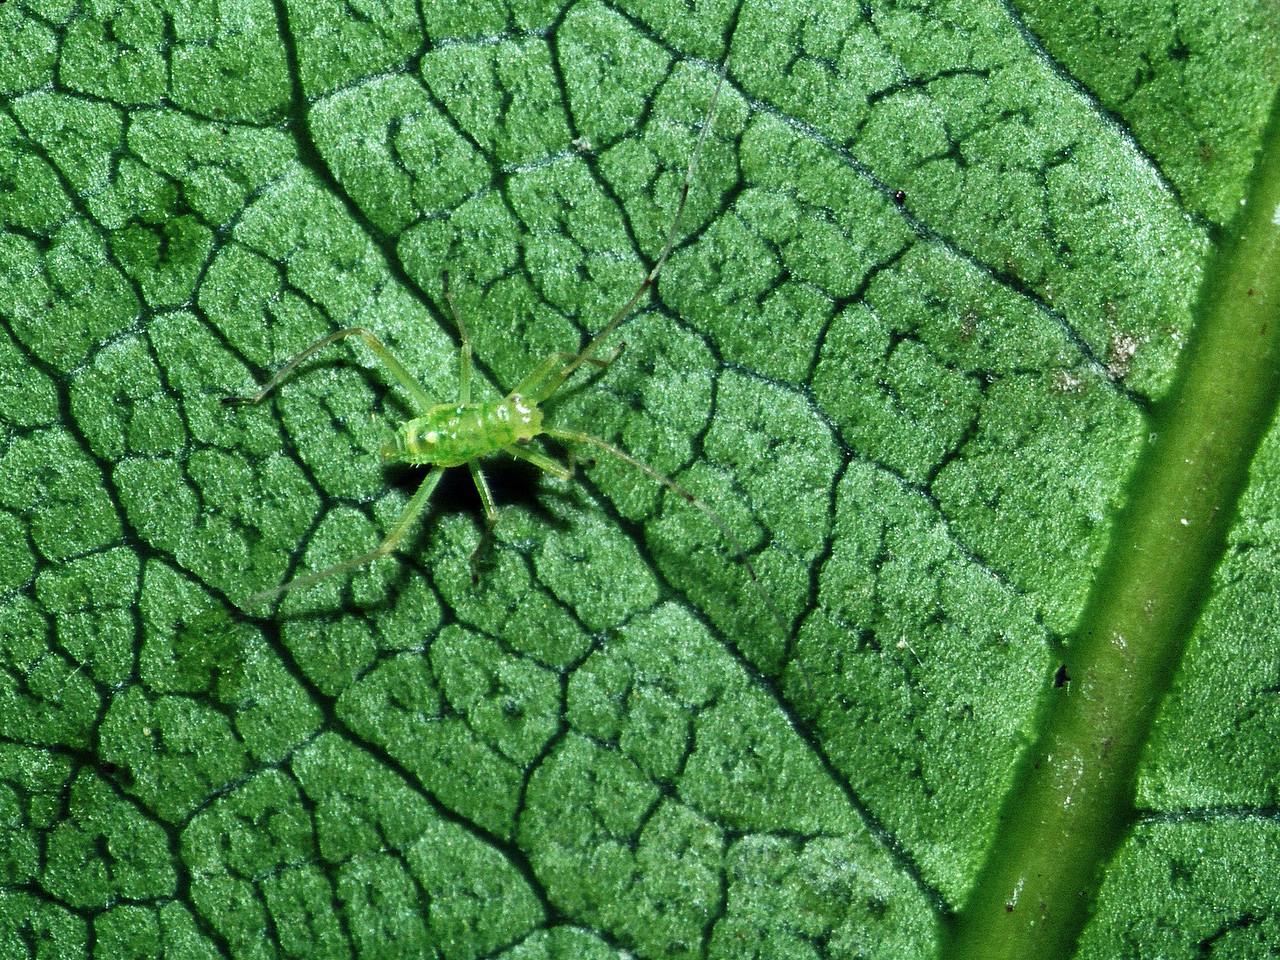 Nesiomiris sp. (Miridae) on Tetraplasandra sp., West Maui